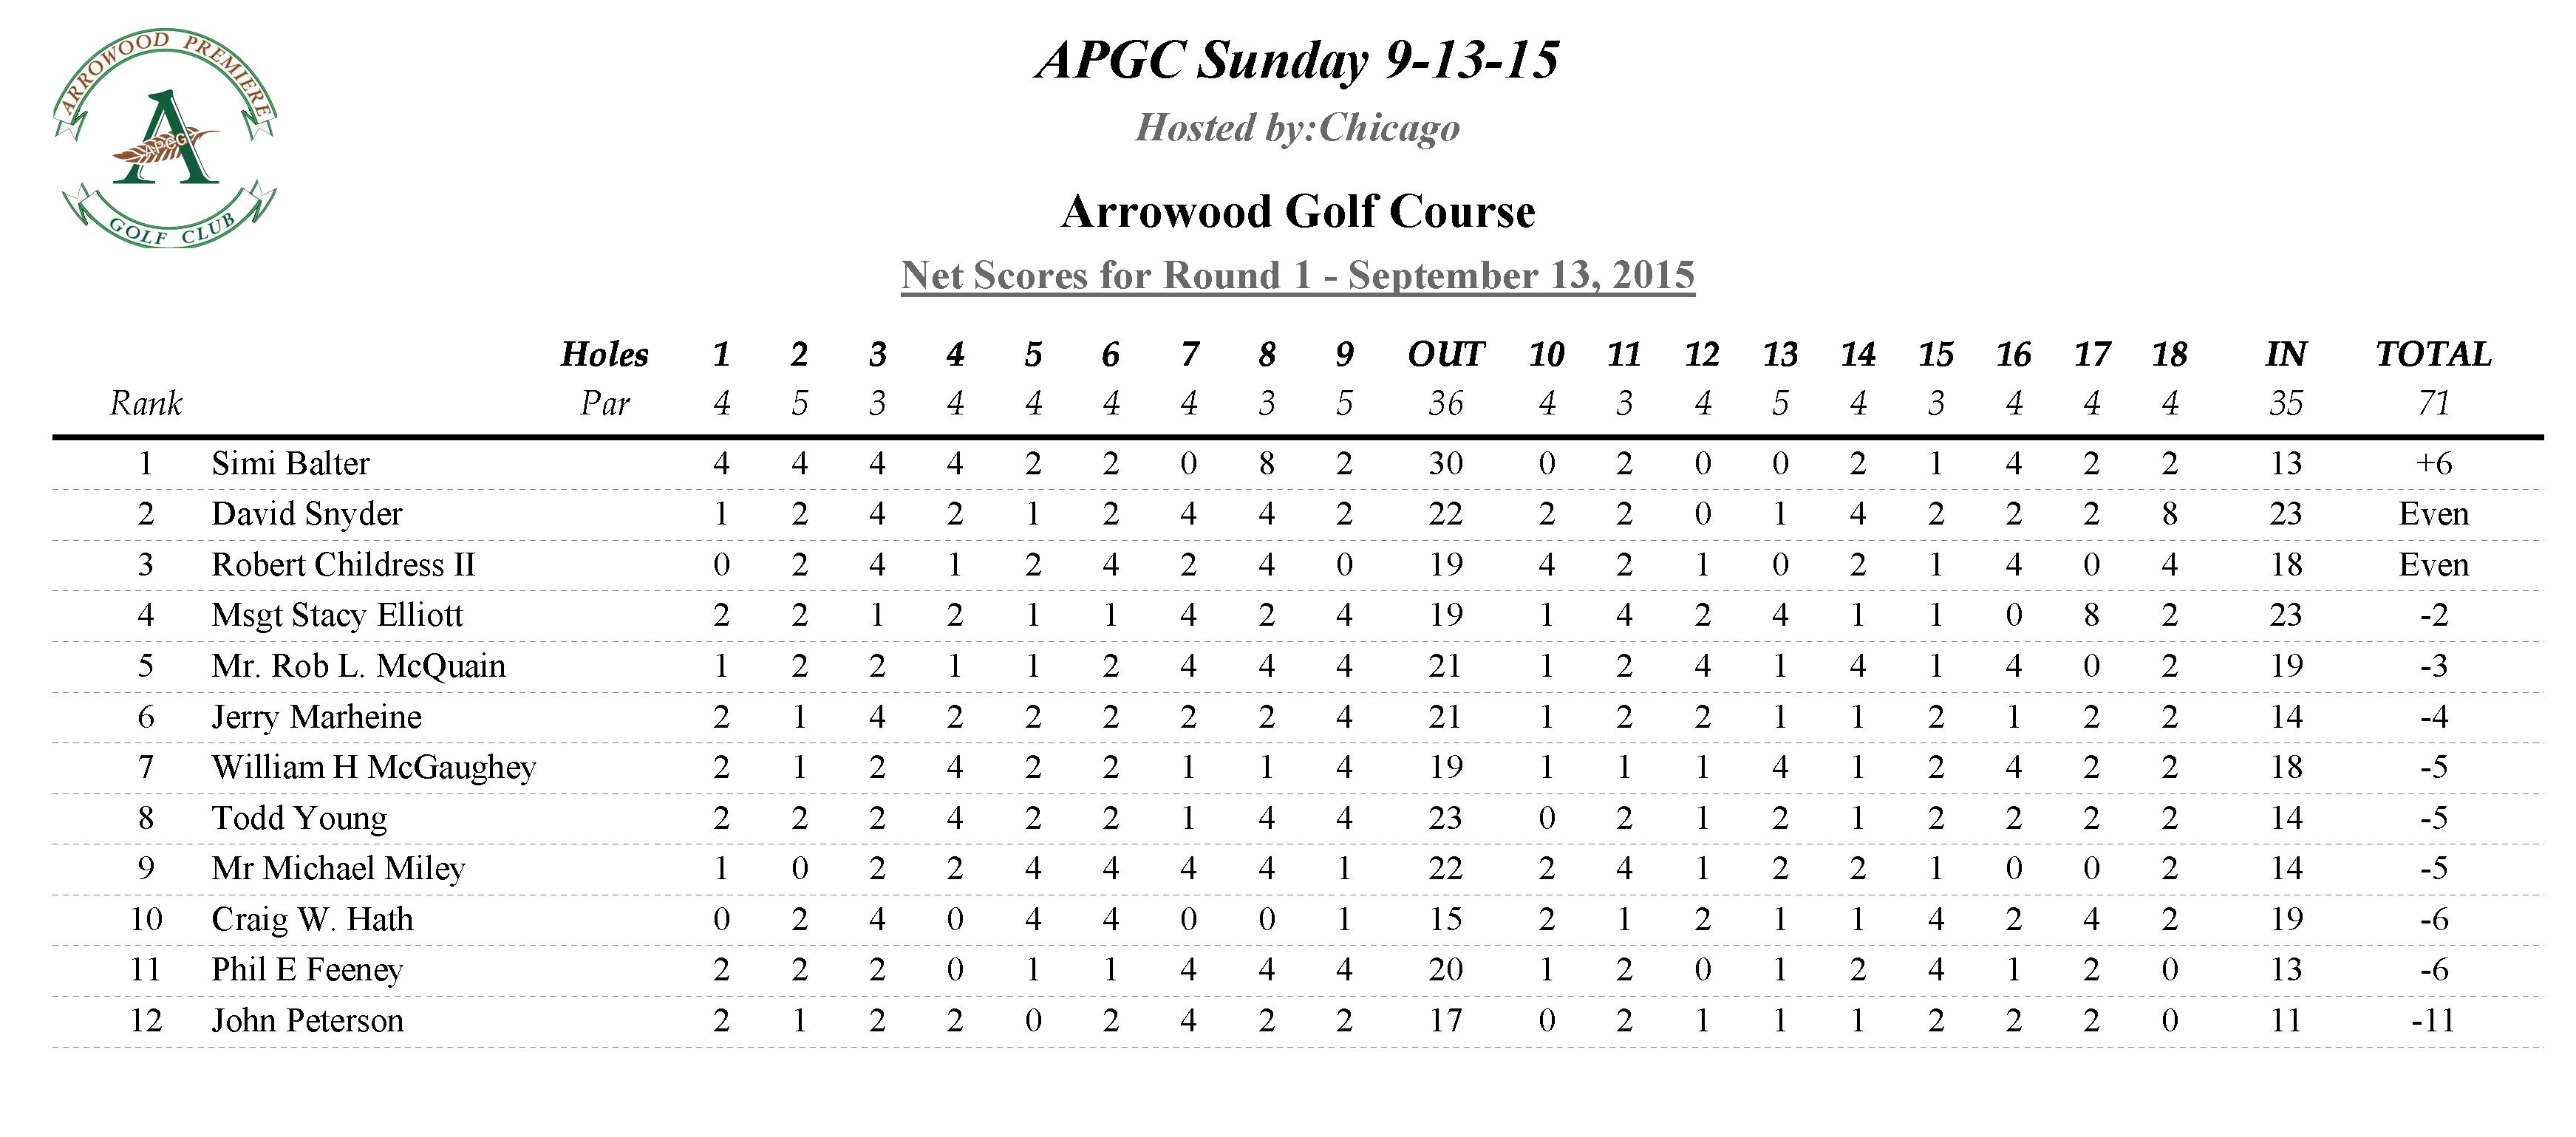 APGC 9-13-15